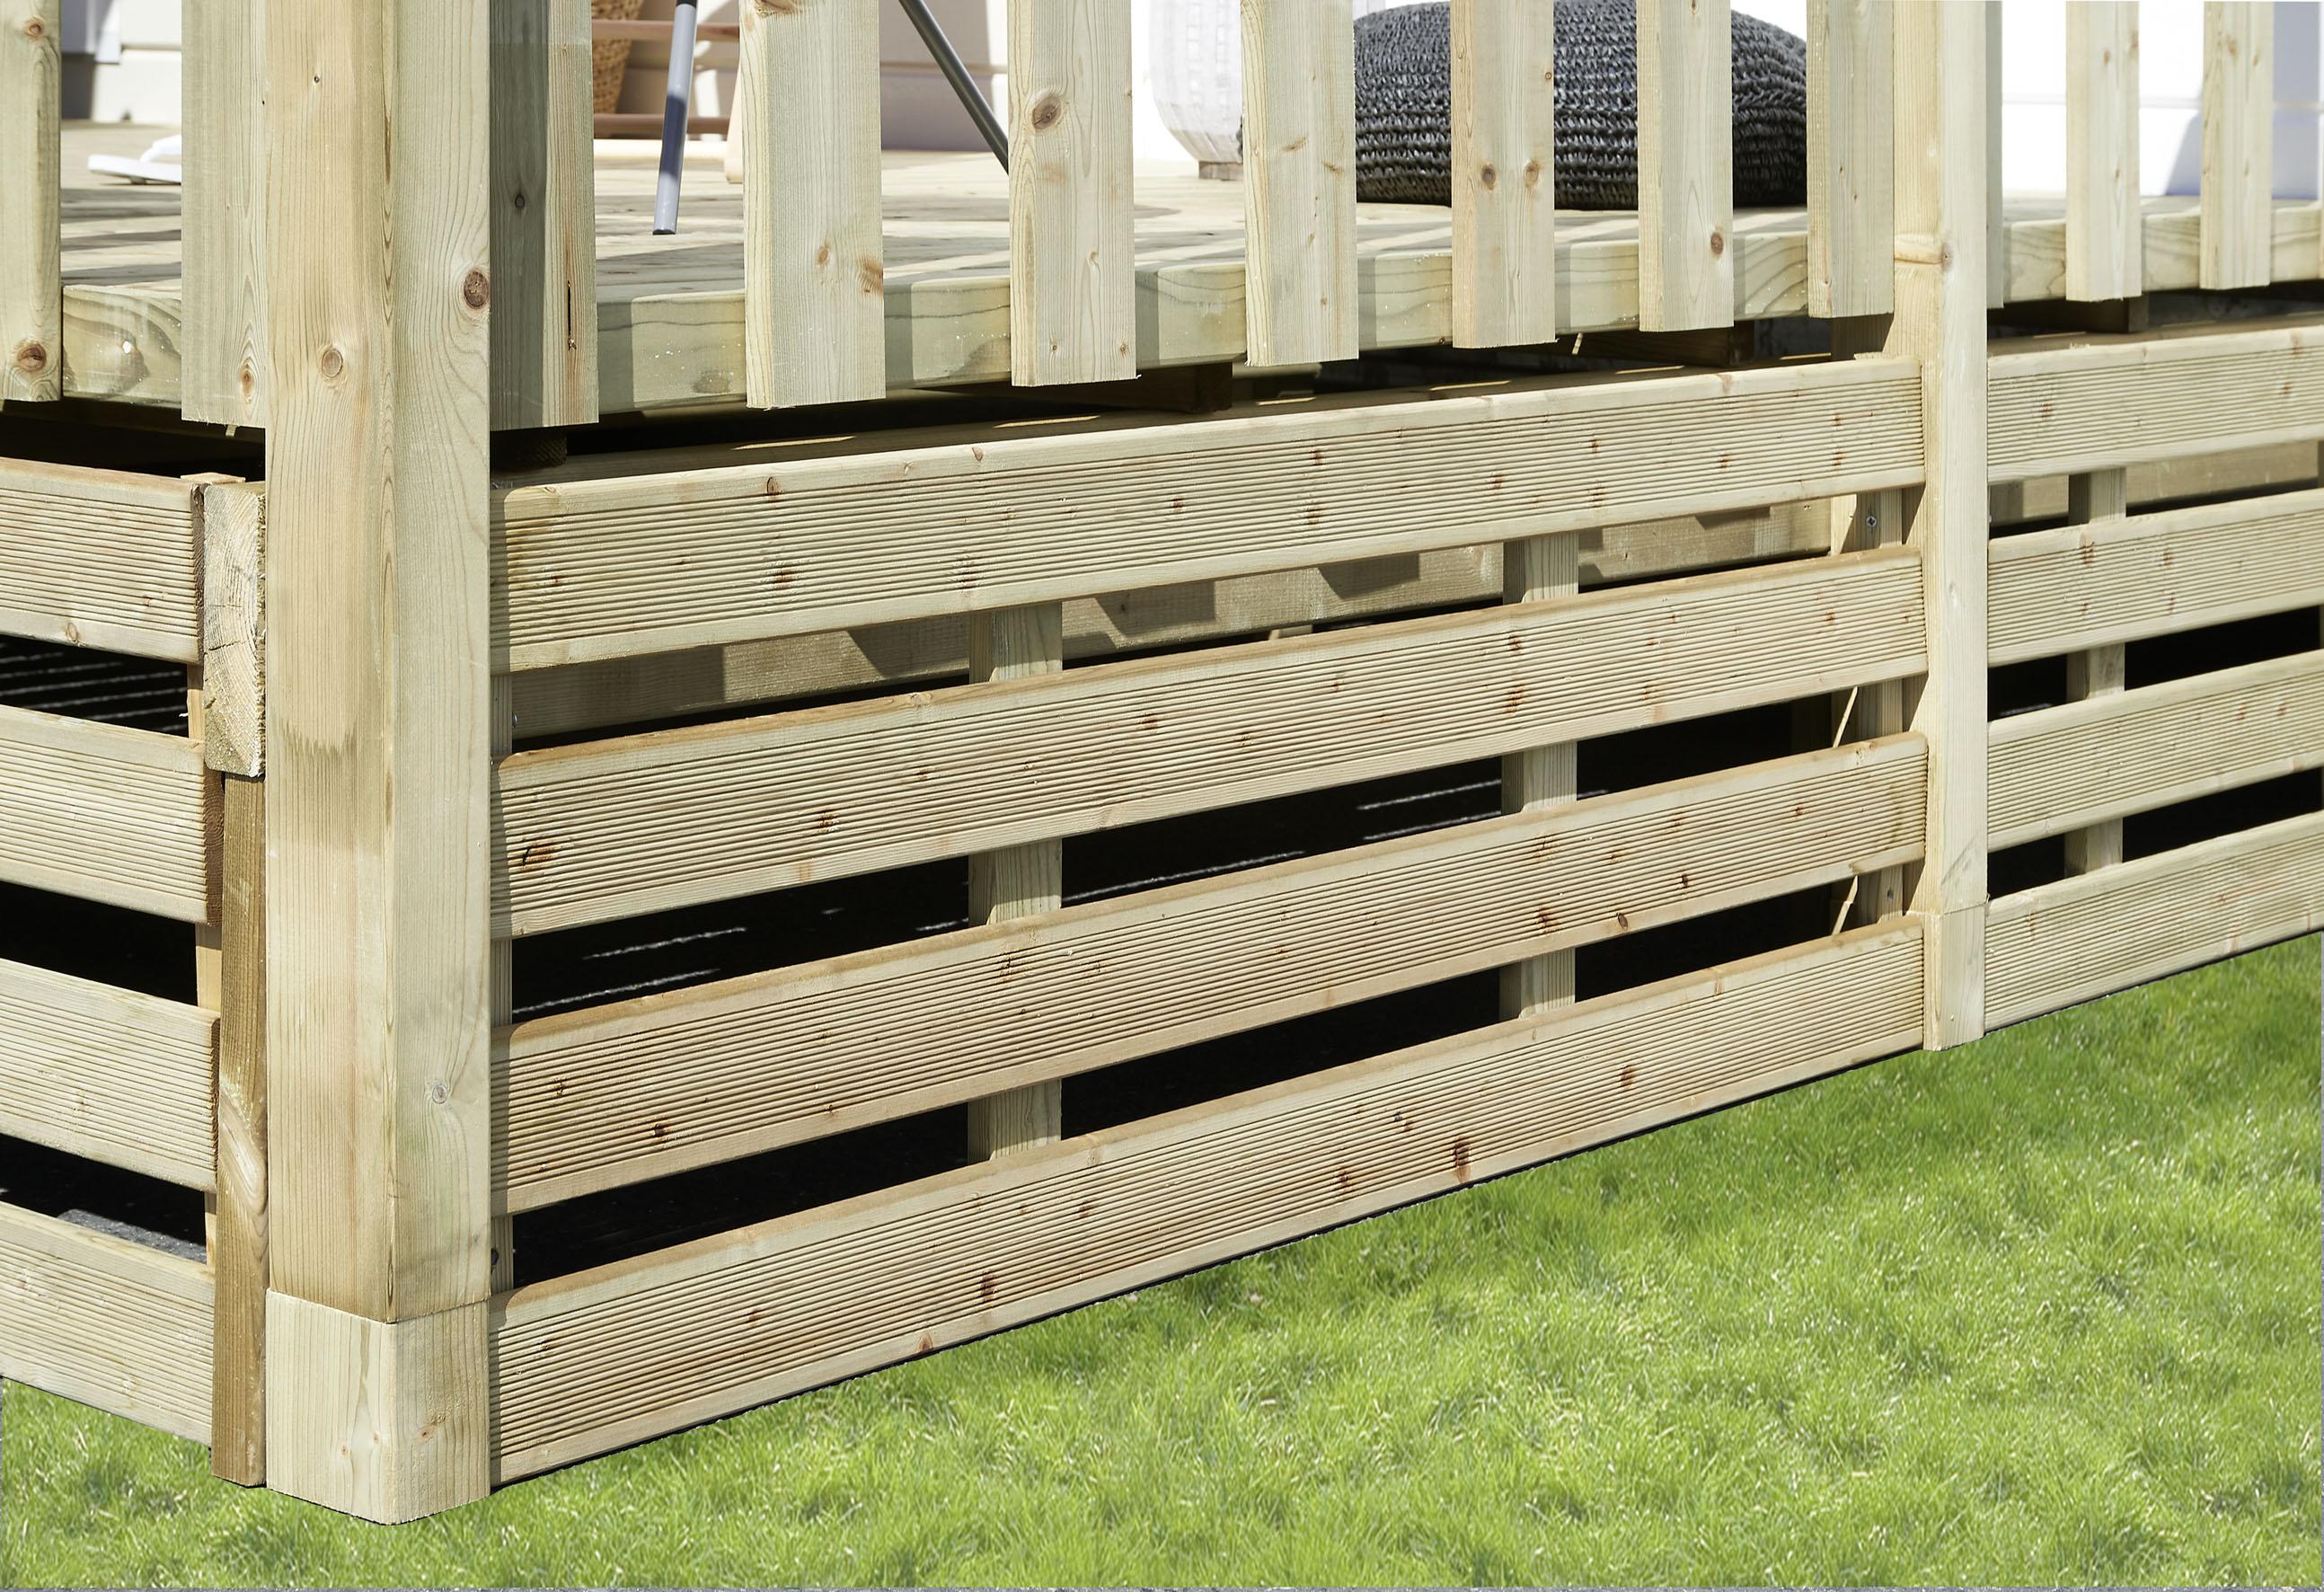 Kit complet soubassement pour terrasse de mobil home bois standard - Soubassement bois kit ...